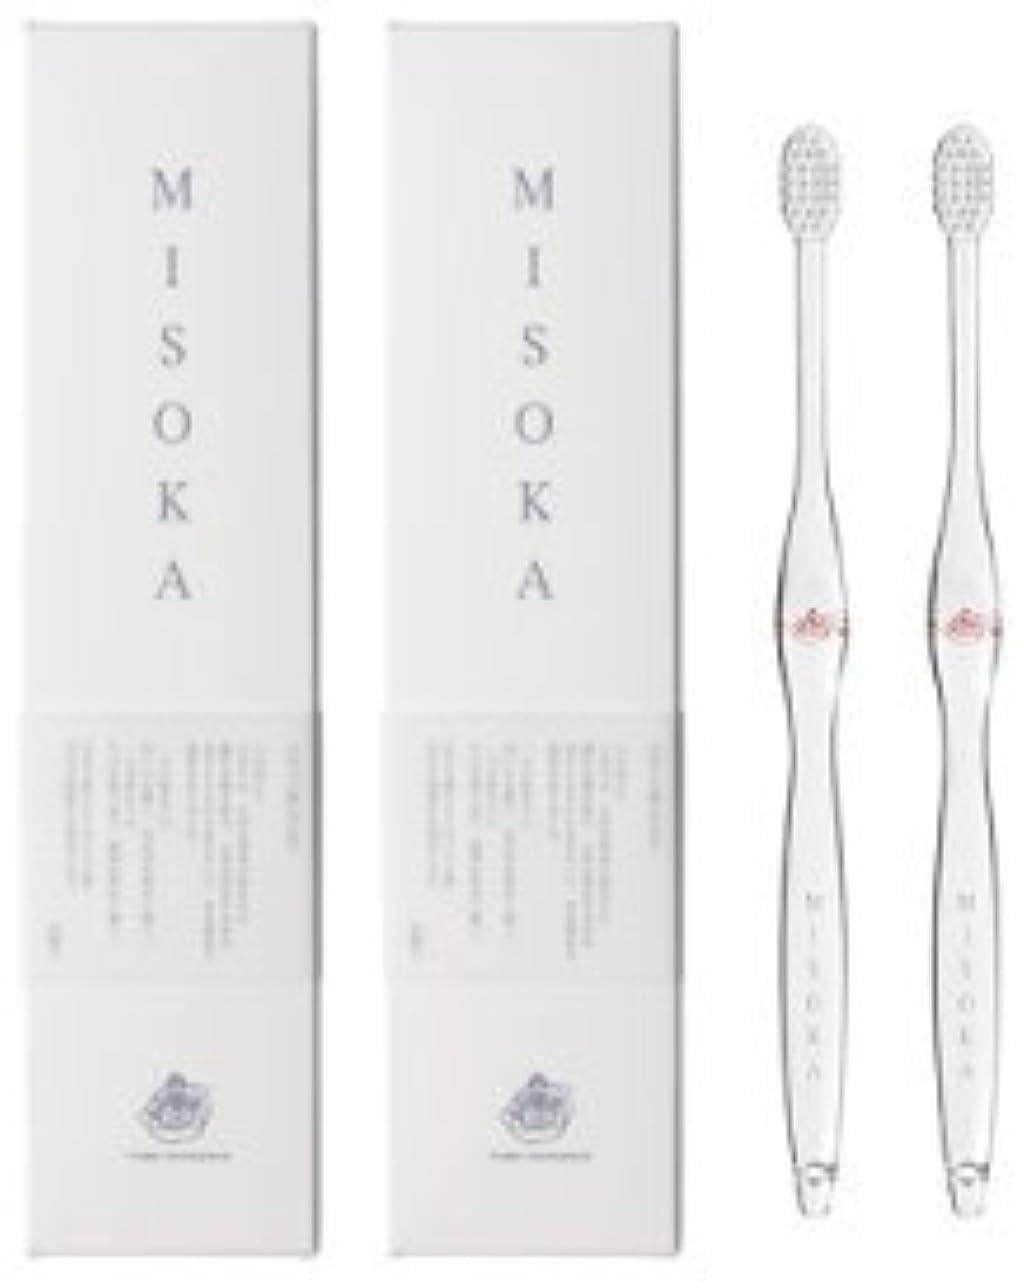 ジュラシックパーク先見の明彫刻MISOKA(ミソカ) 歯ブラシ 朱色 2本セット